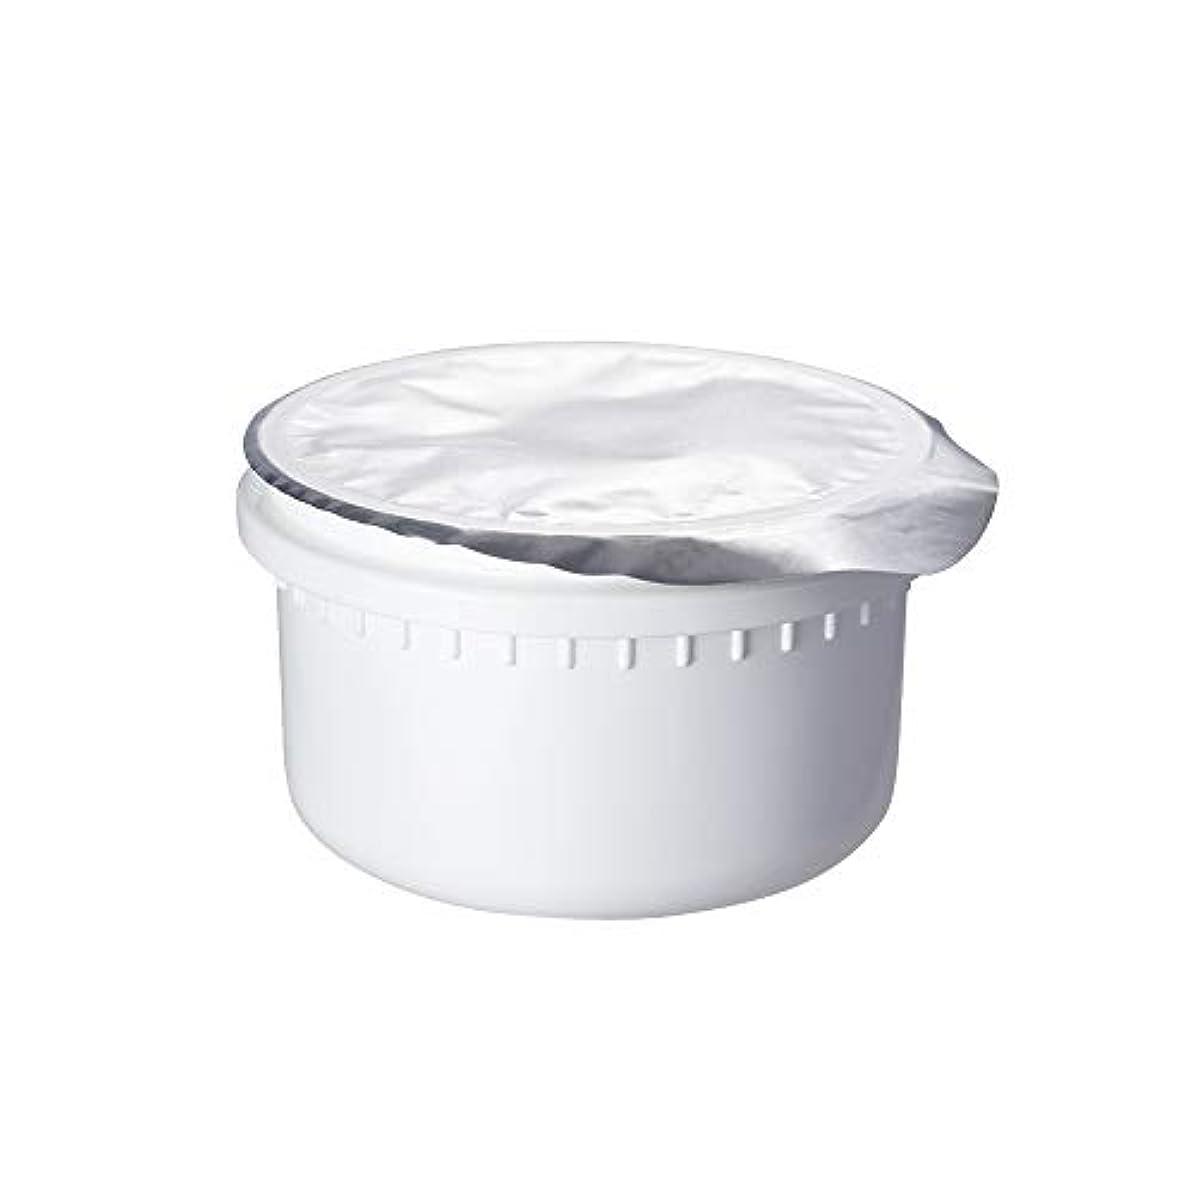 言う窒素ラジウムオルビス(ORBIS) オルビスユー モイスチャー 詰替 50g ◎保湿液◎